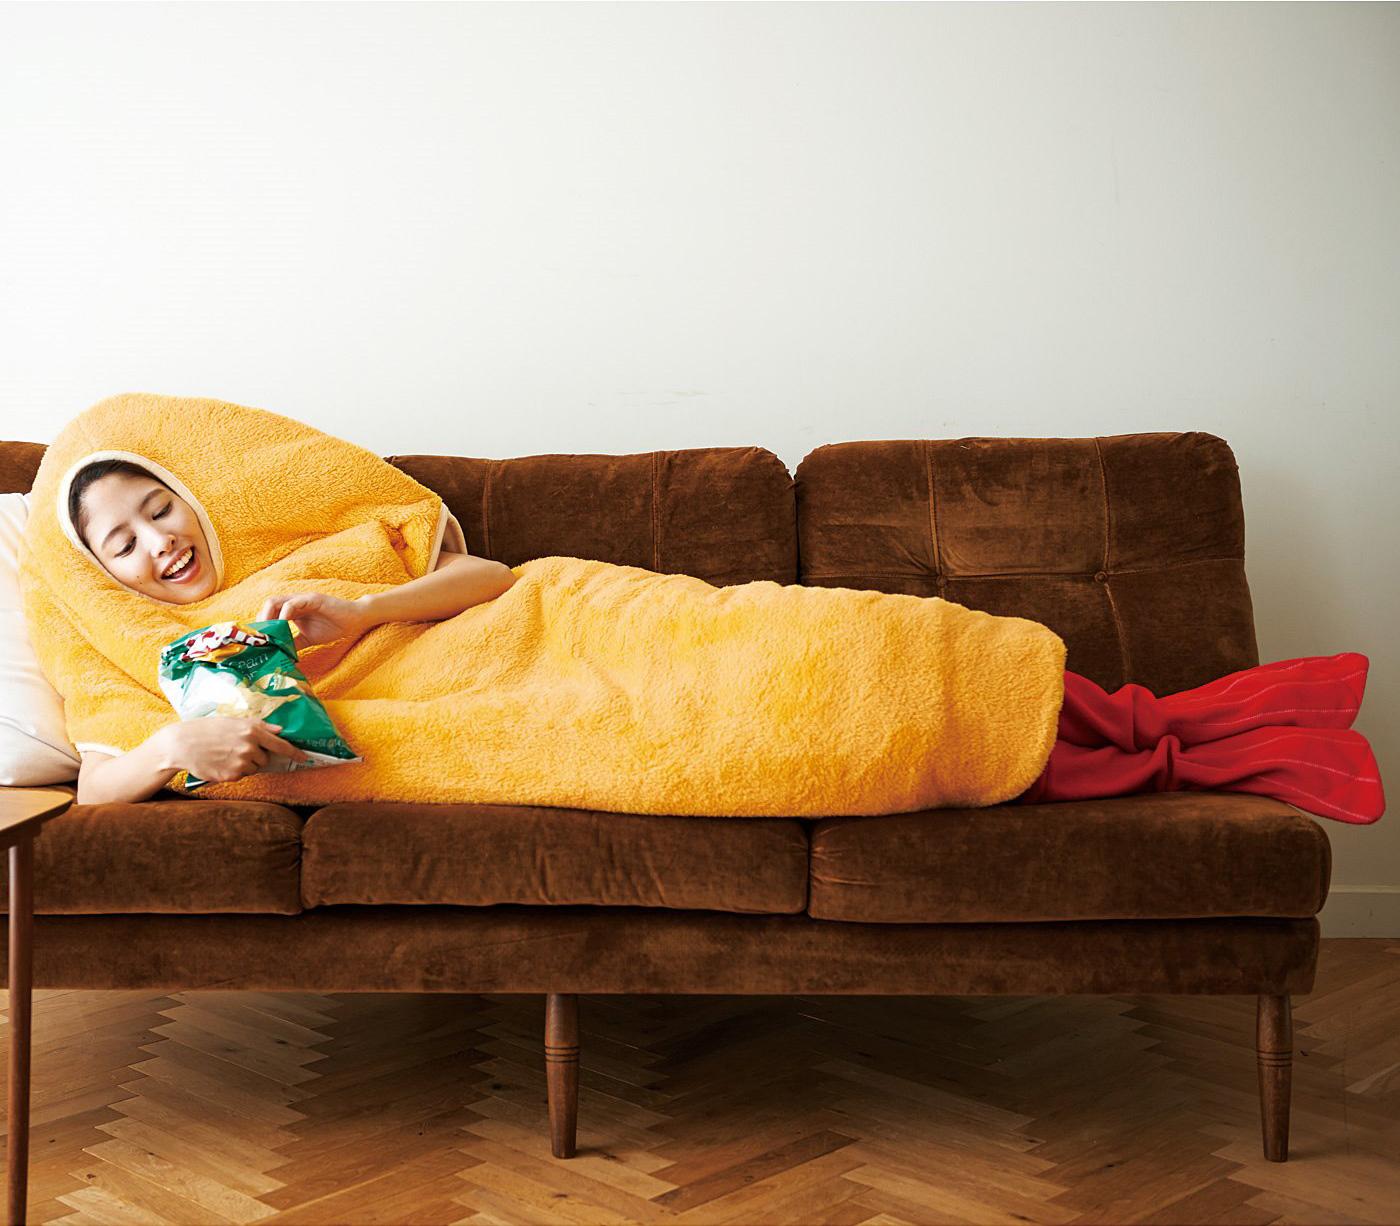 エビフライになれる寝袋が斜め上で欲しくなる